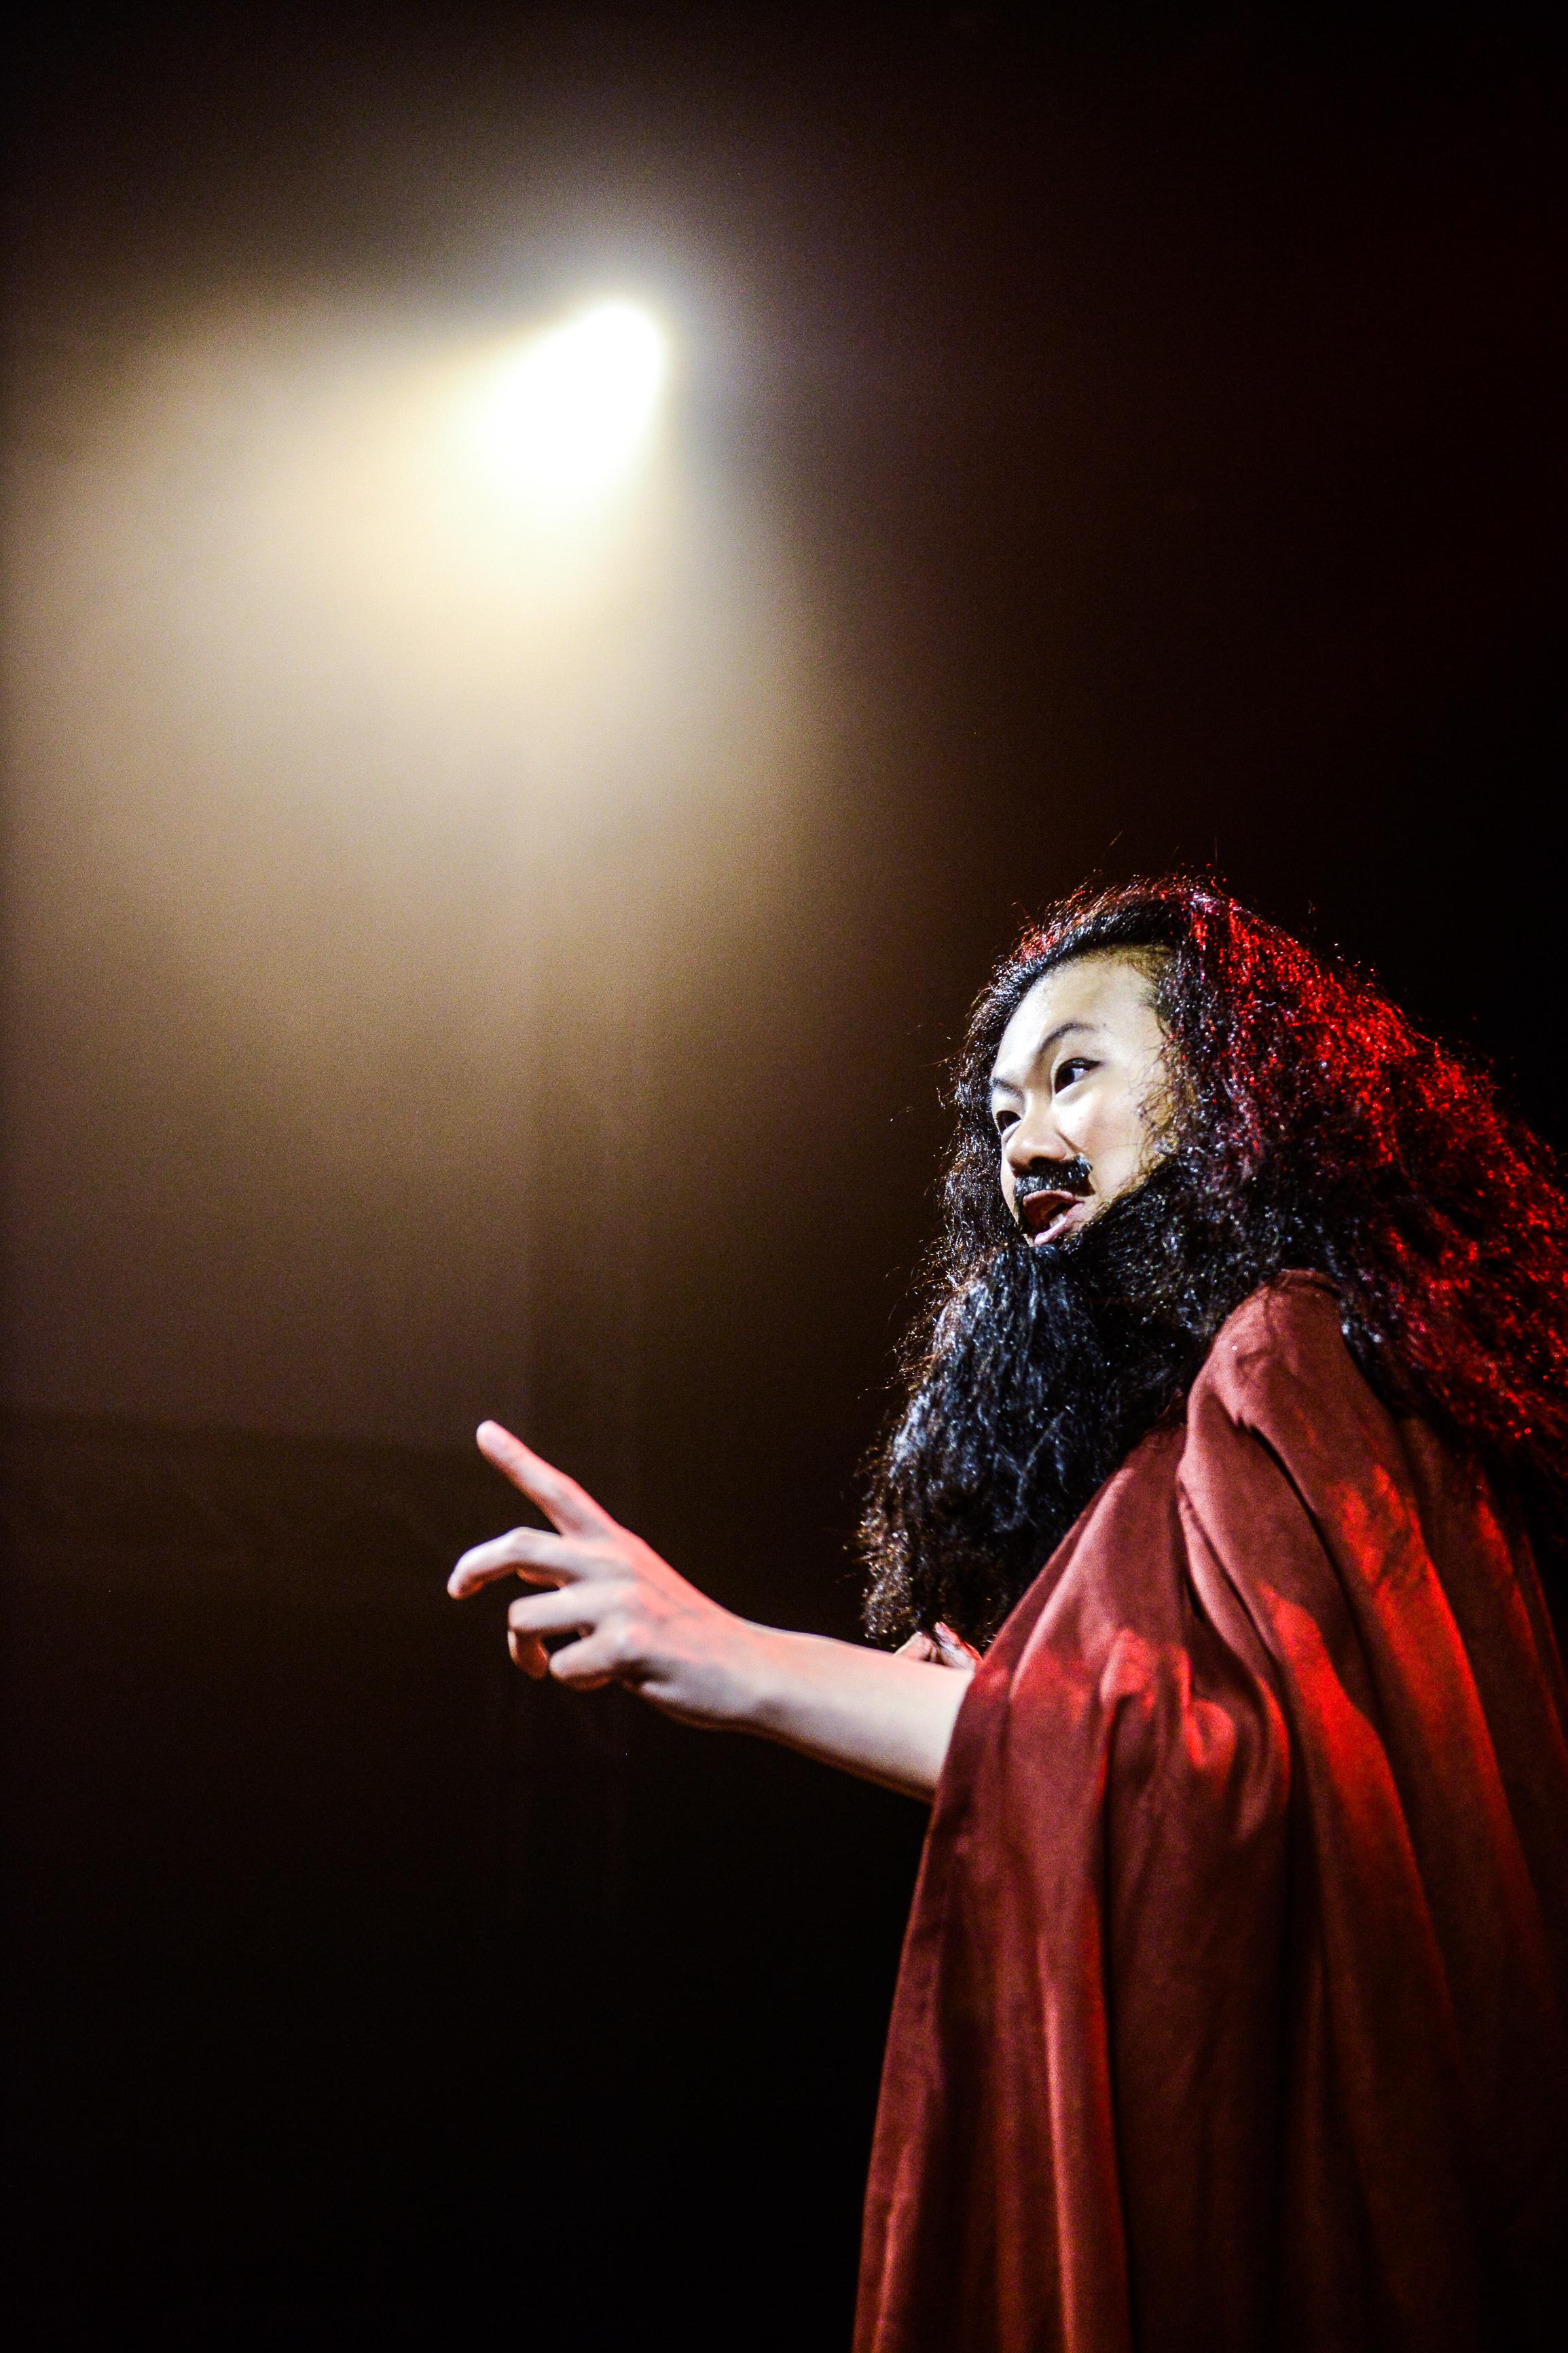 哎呀!Menelaus真麻煩!/人物:李婉晶/類別:演出、《復仇變奏曲》/攝影:Fung Wai Sun/(天台製作 • 香港專業劇團)